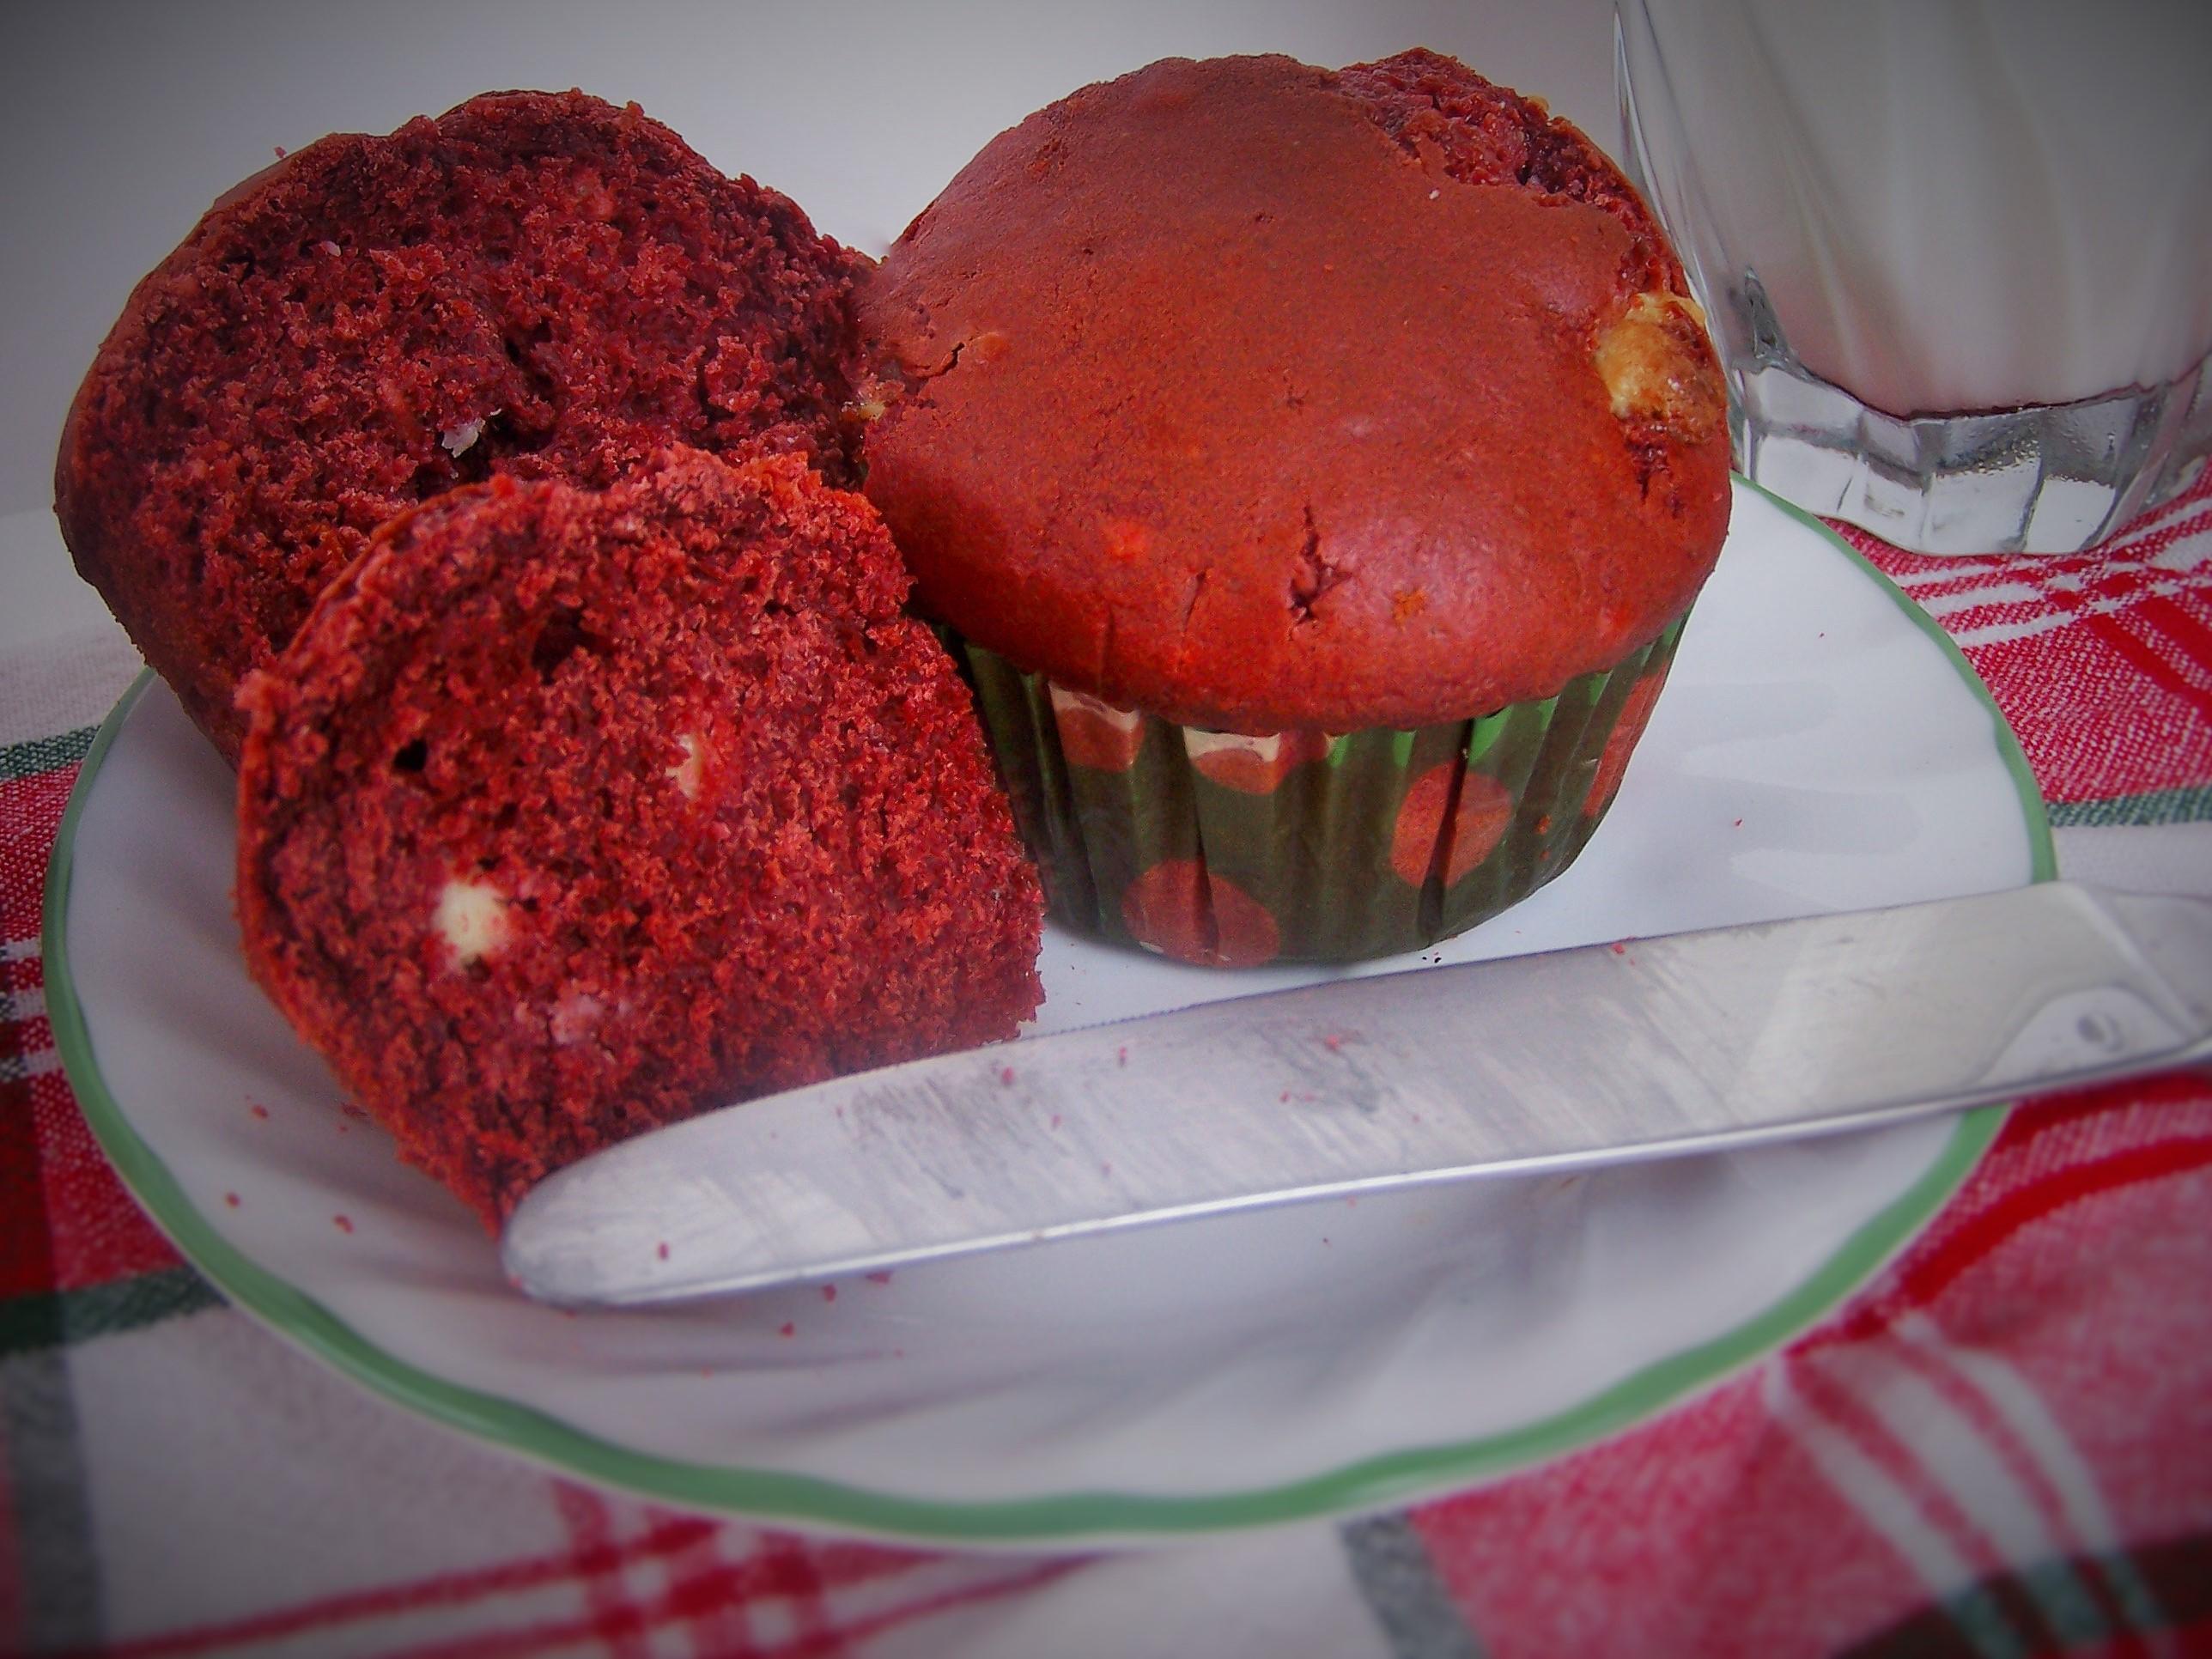 ... red velvet cupcakes red velvet cake red velvet cupcakes red velvet